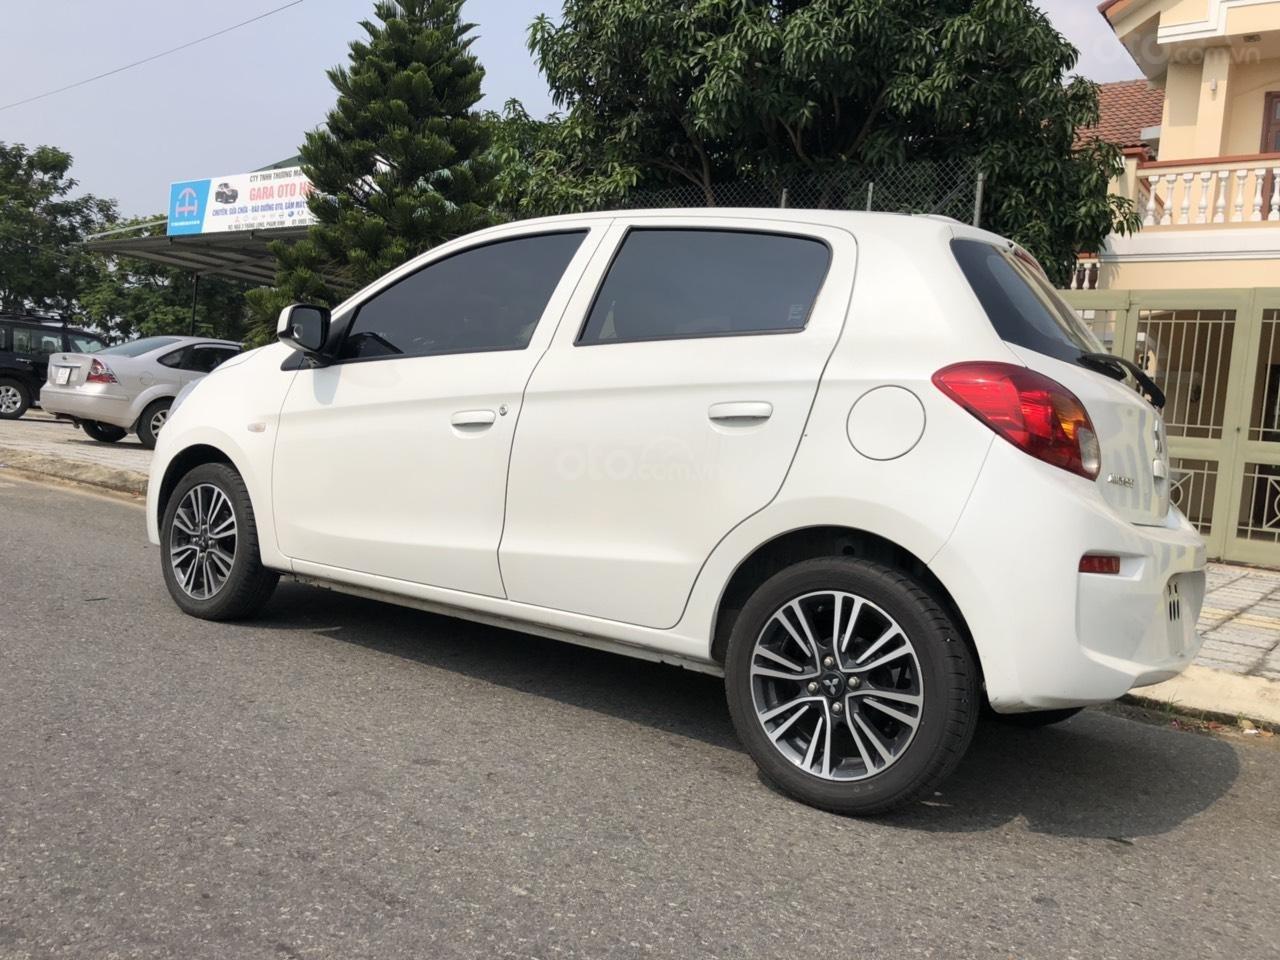 Cần bán gấp xe Mitsubishi Mirage năm 2018, màu trắng, nhập khẩu nguyên chiếc, LH: 0899877765 - 0935284855 (4)